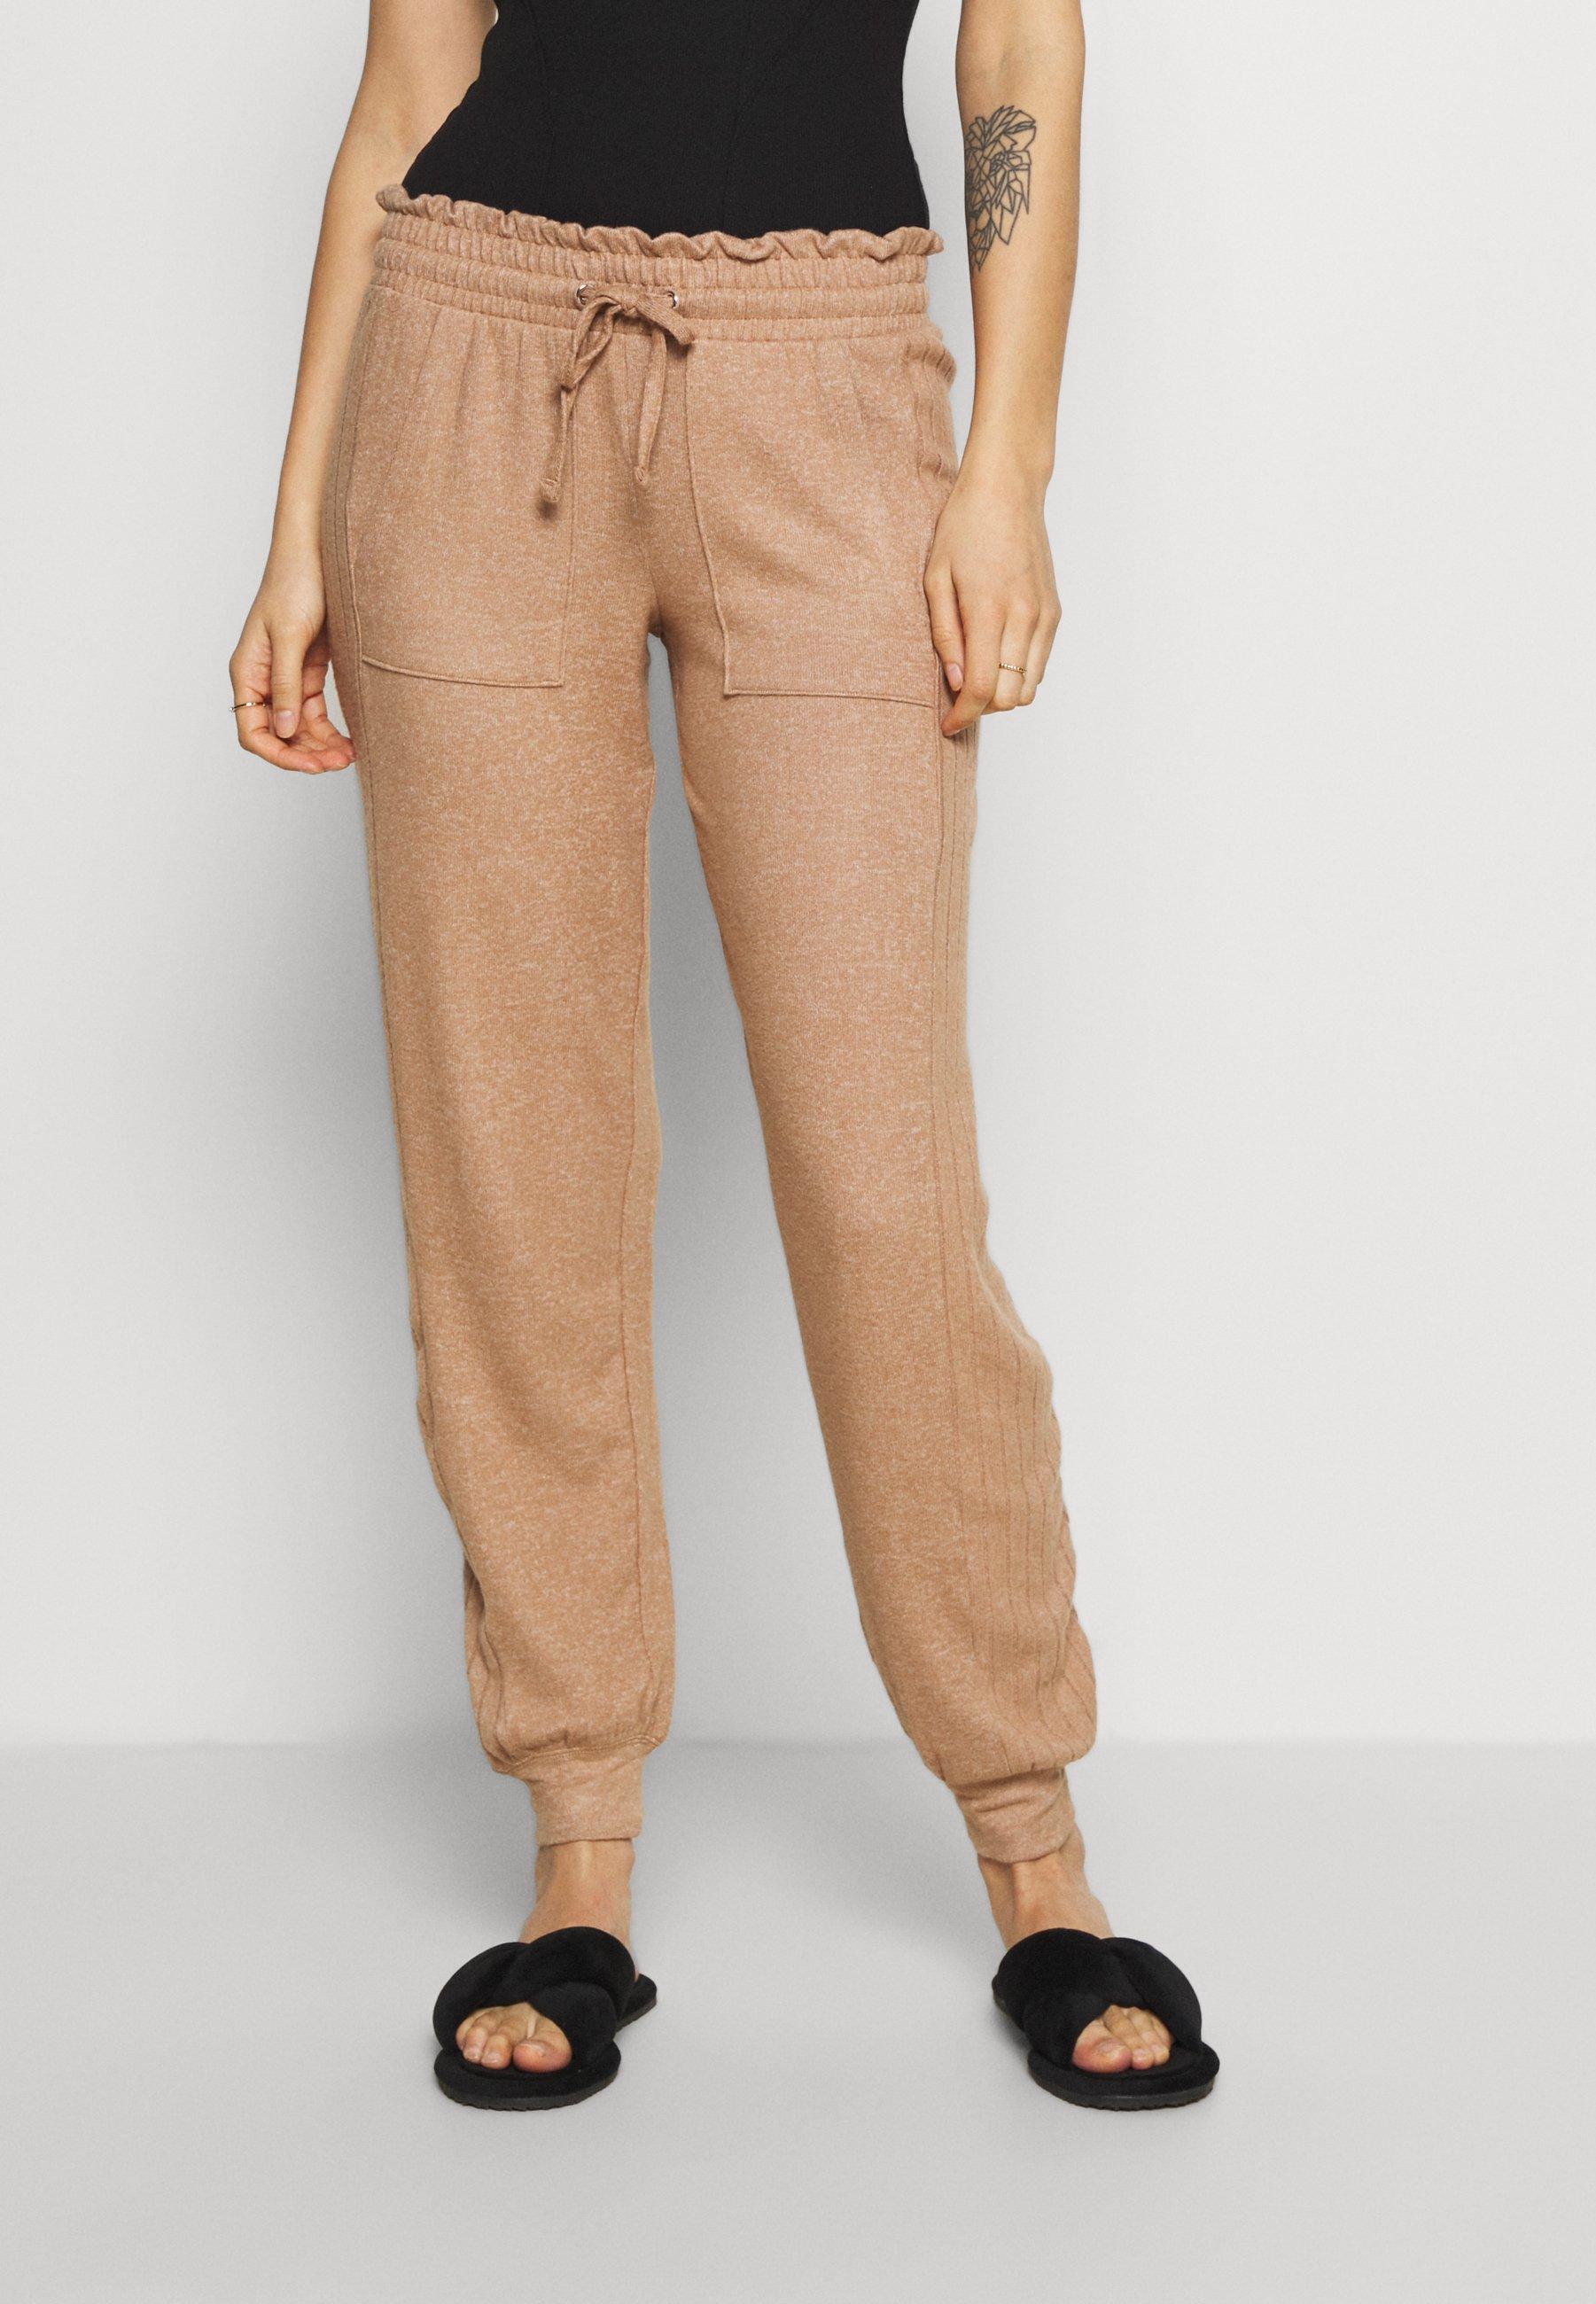 Femme COSY CUFF PANT - Bas de pyjama